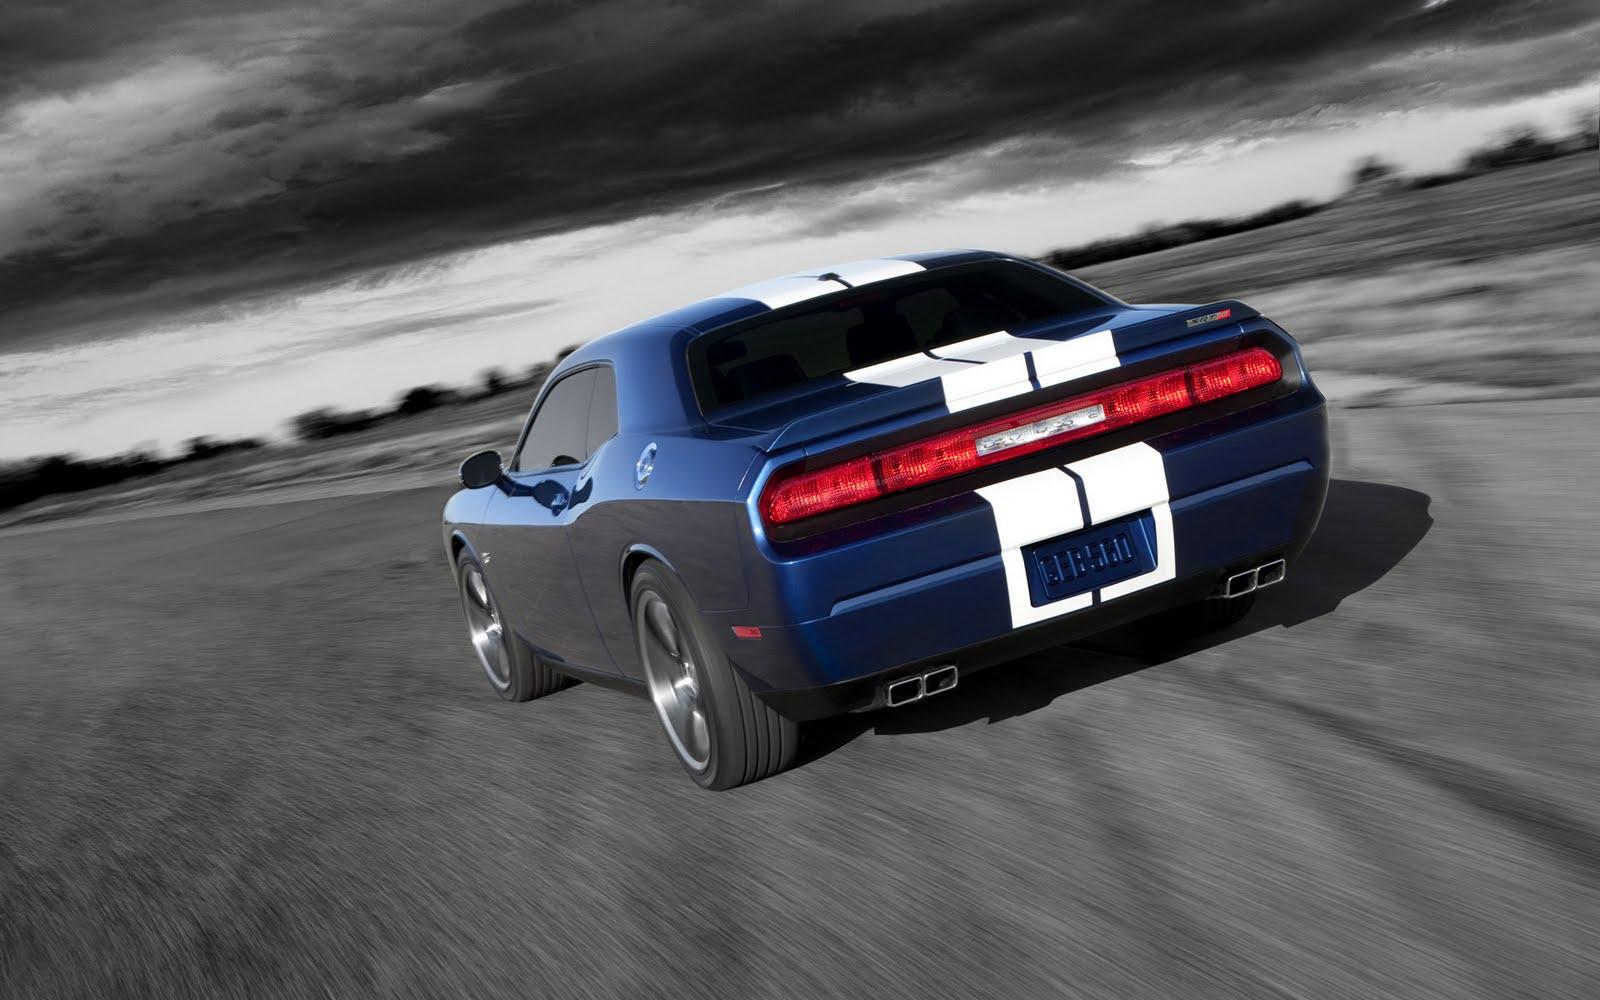 http://1.bp.blogspot.com/_dXE63lwcSrk/TPv7uLgXDWI/AAAAAAAAEr8/B0qBi1Ws054/s1600/2011-Dodge-Challenger-SRT8-392-Rear-Angle-Speed-1920x1440.jpg